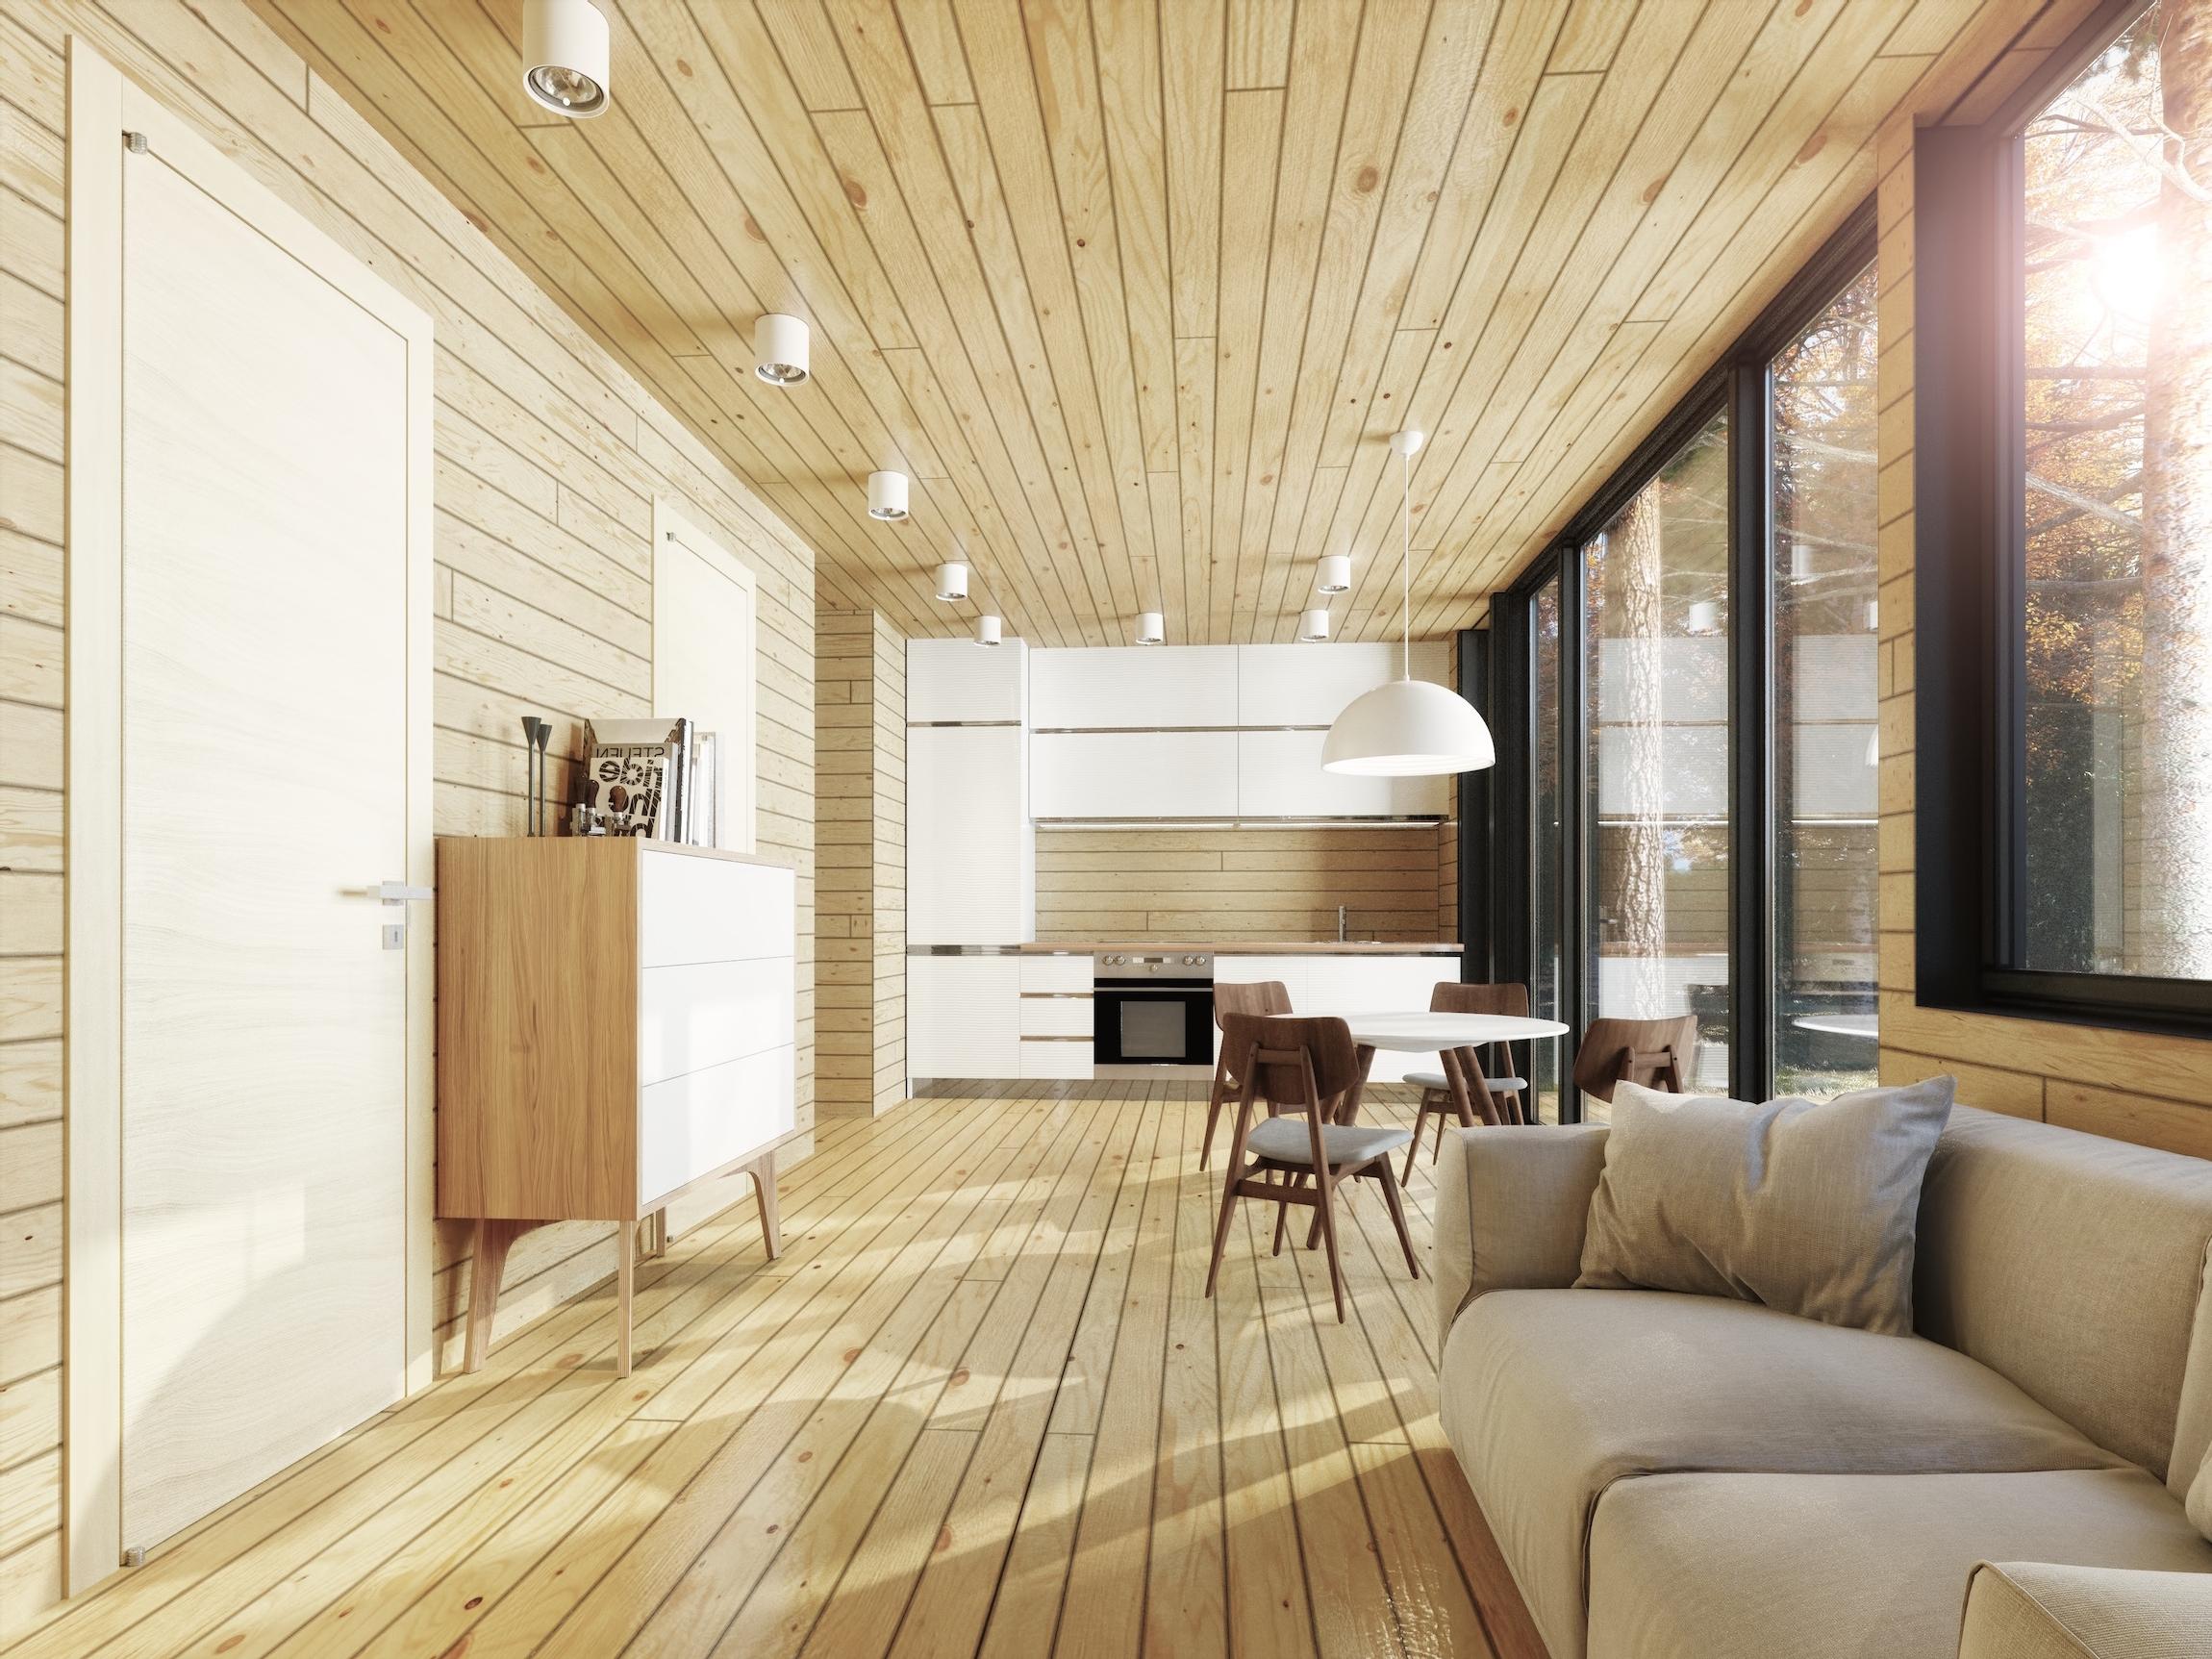 Lys imitasjon av tømmer i interiøret